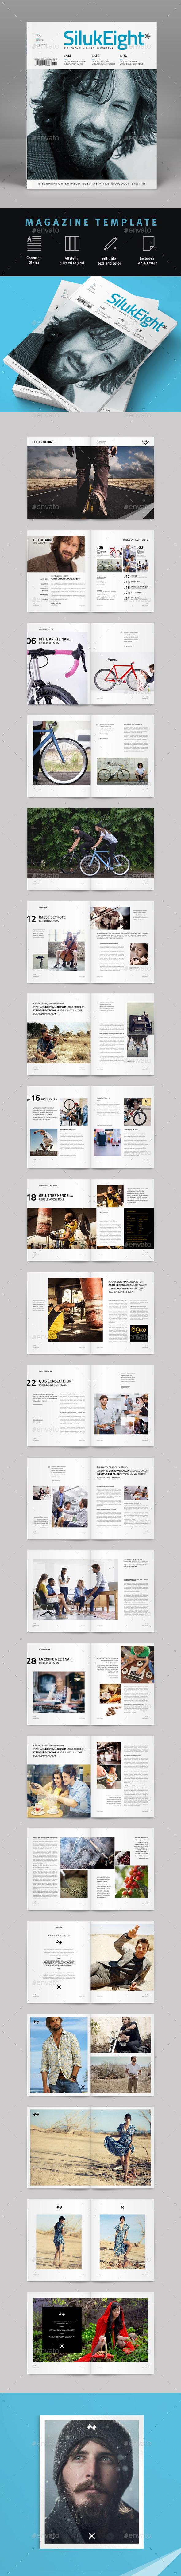 GraphicRiver Magazine Template 10068037